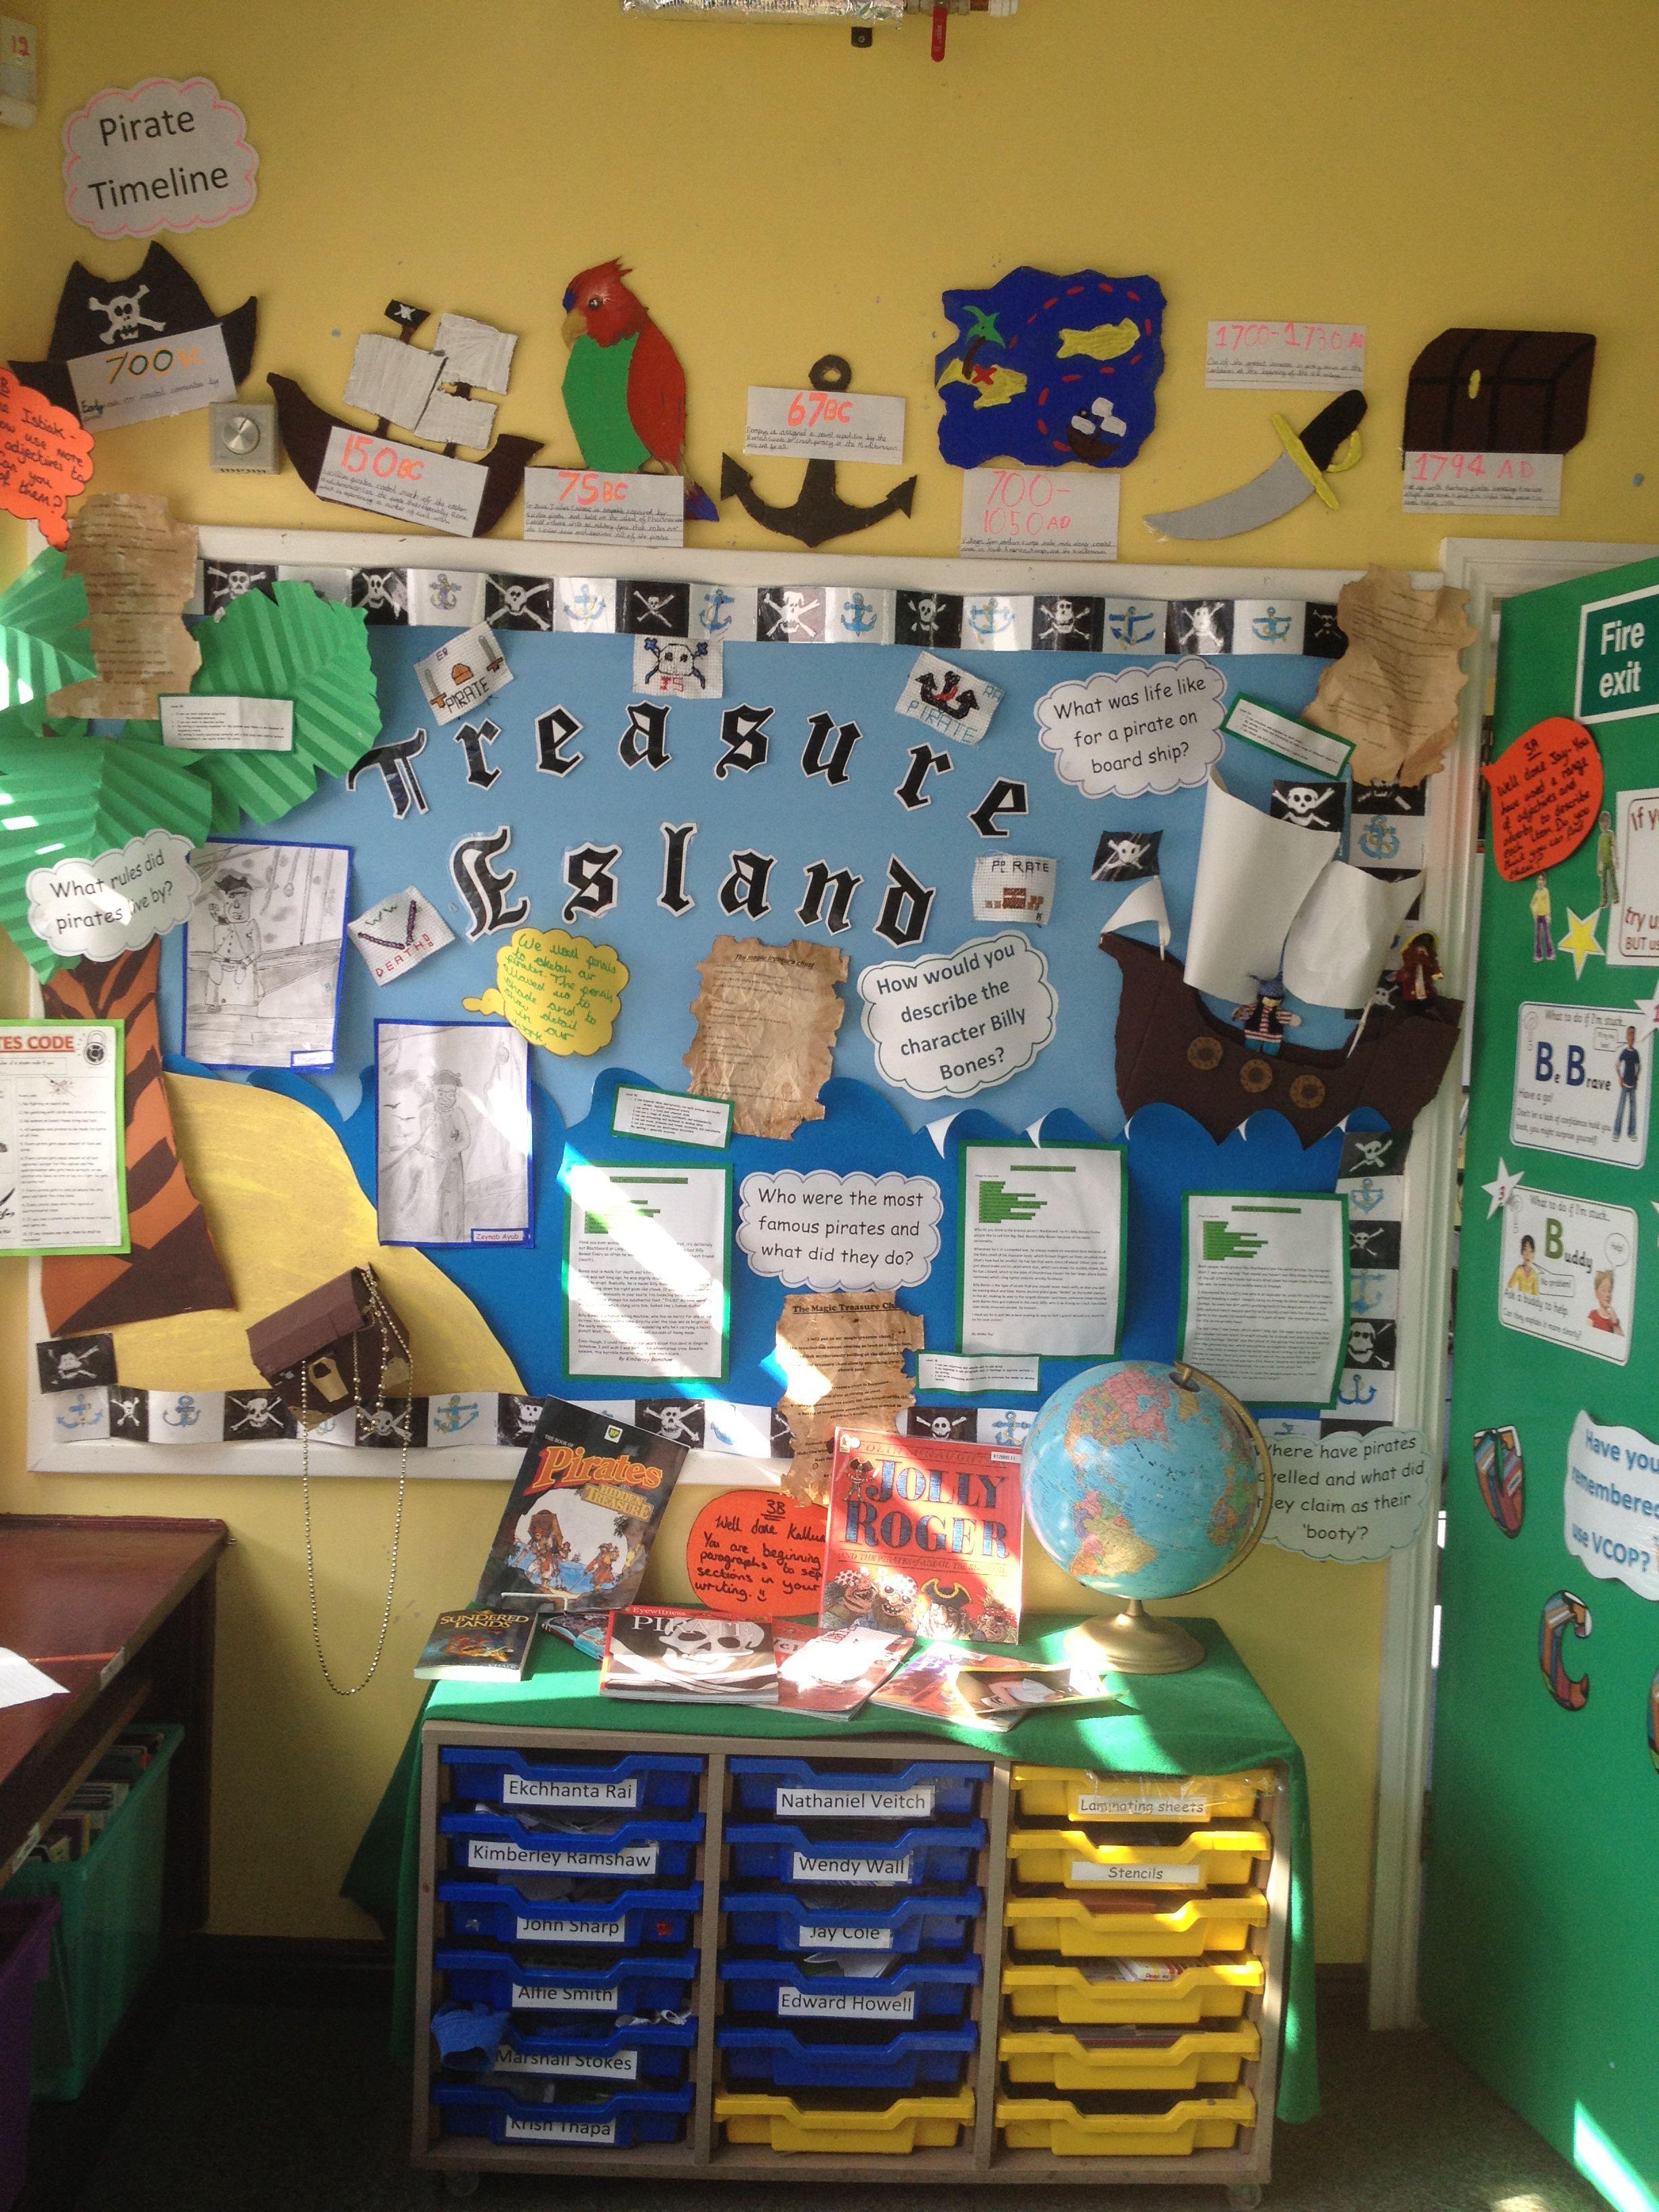 Treasure Island Classroom Displays Ks2 Classroom Displays Treasure Island